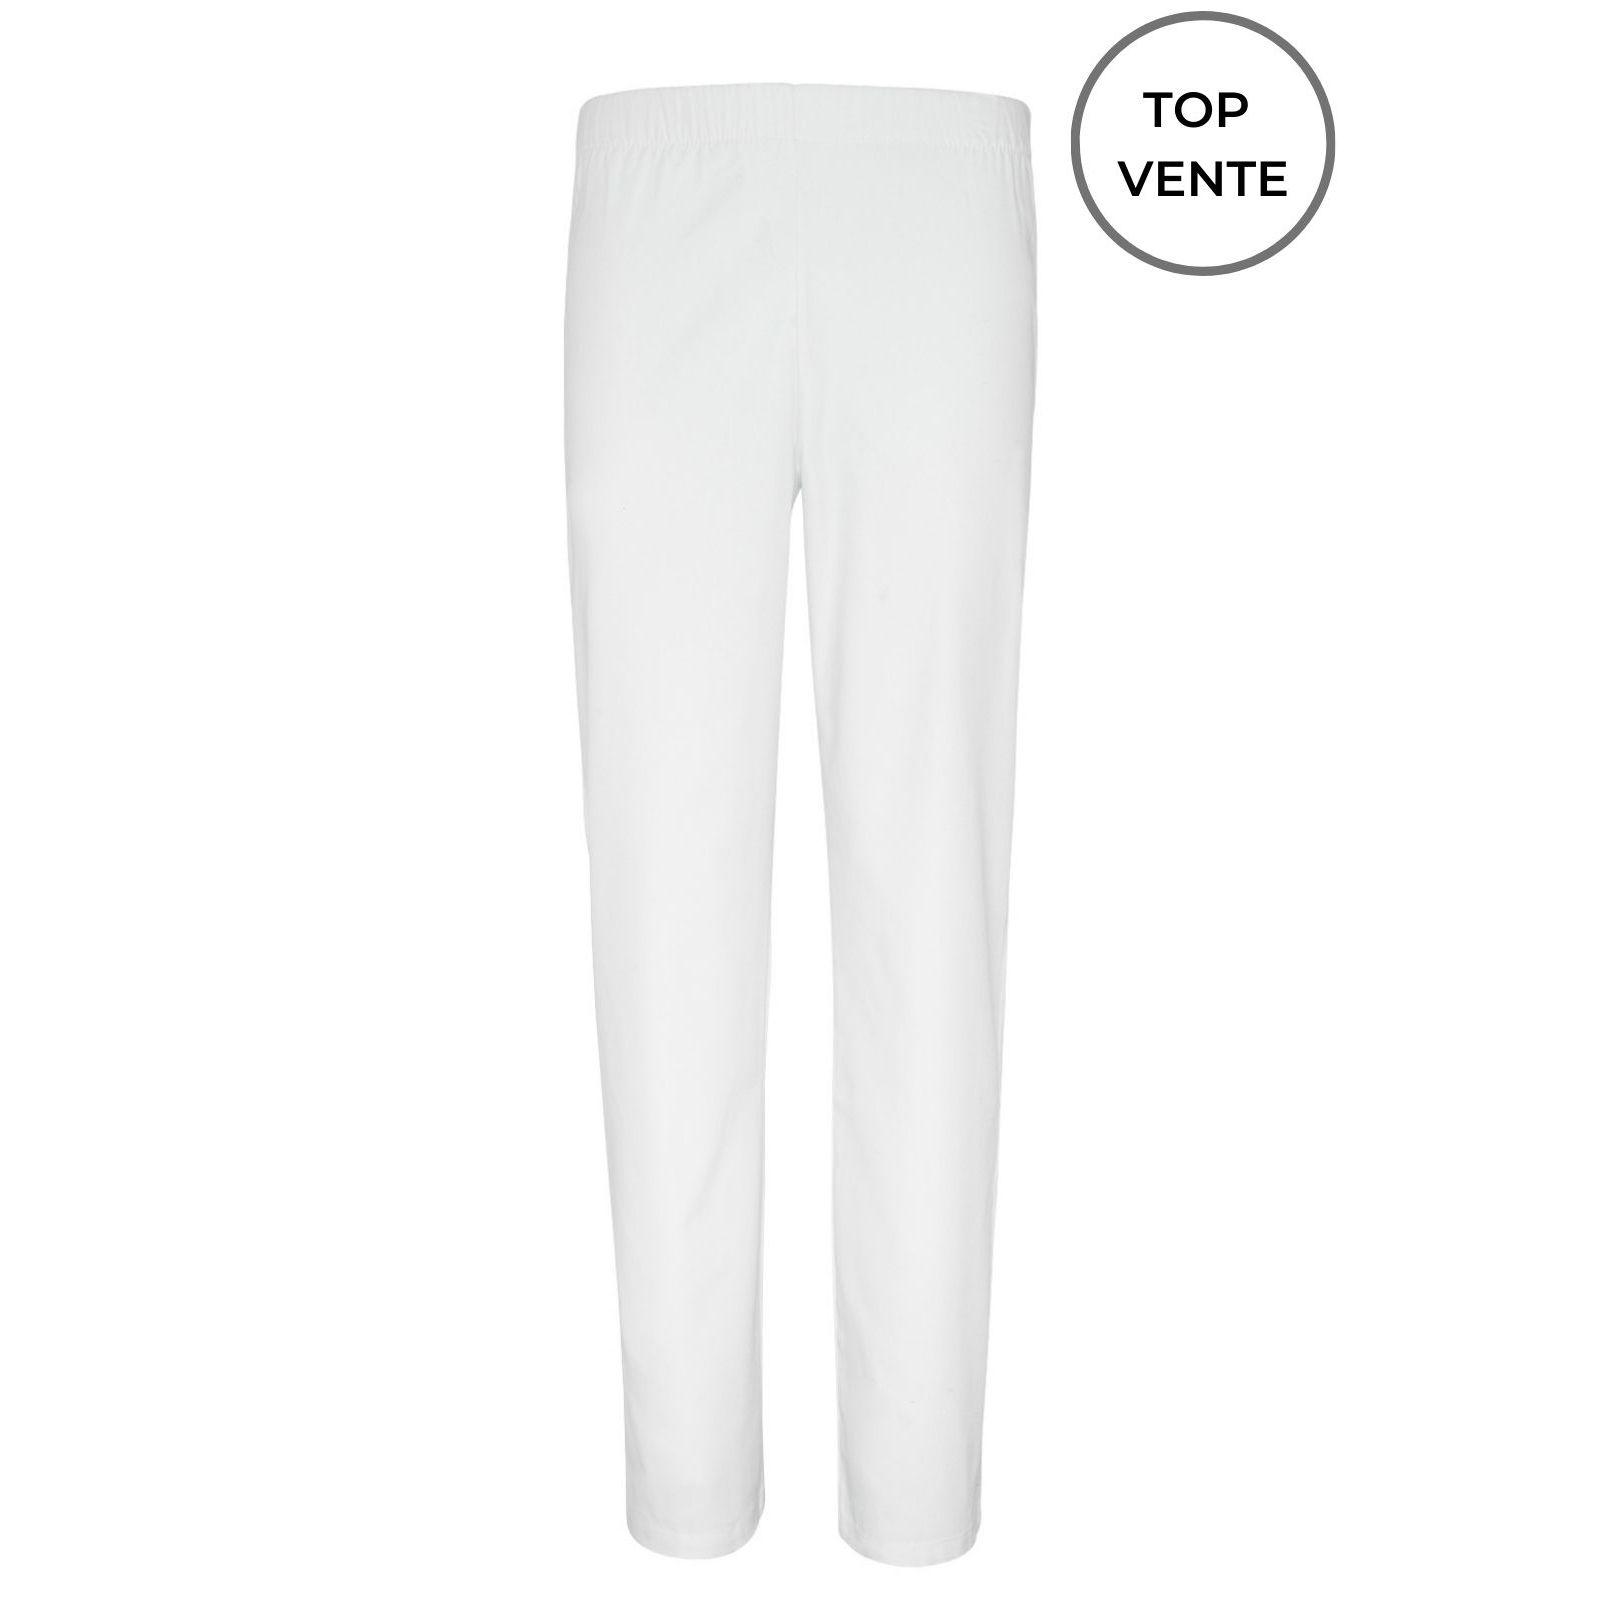 Pantalon médical blanc Unisexe, Lavage 60 degrés (CH11) top